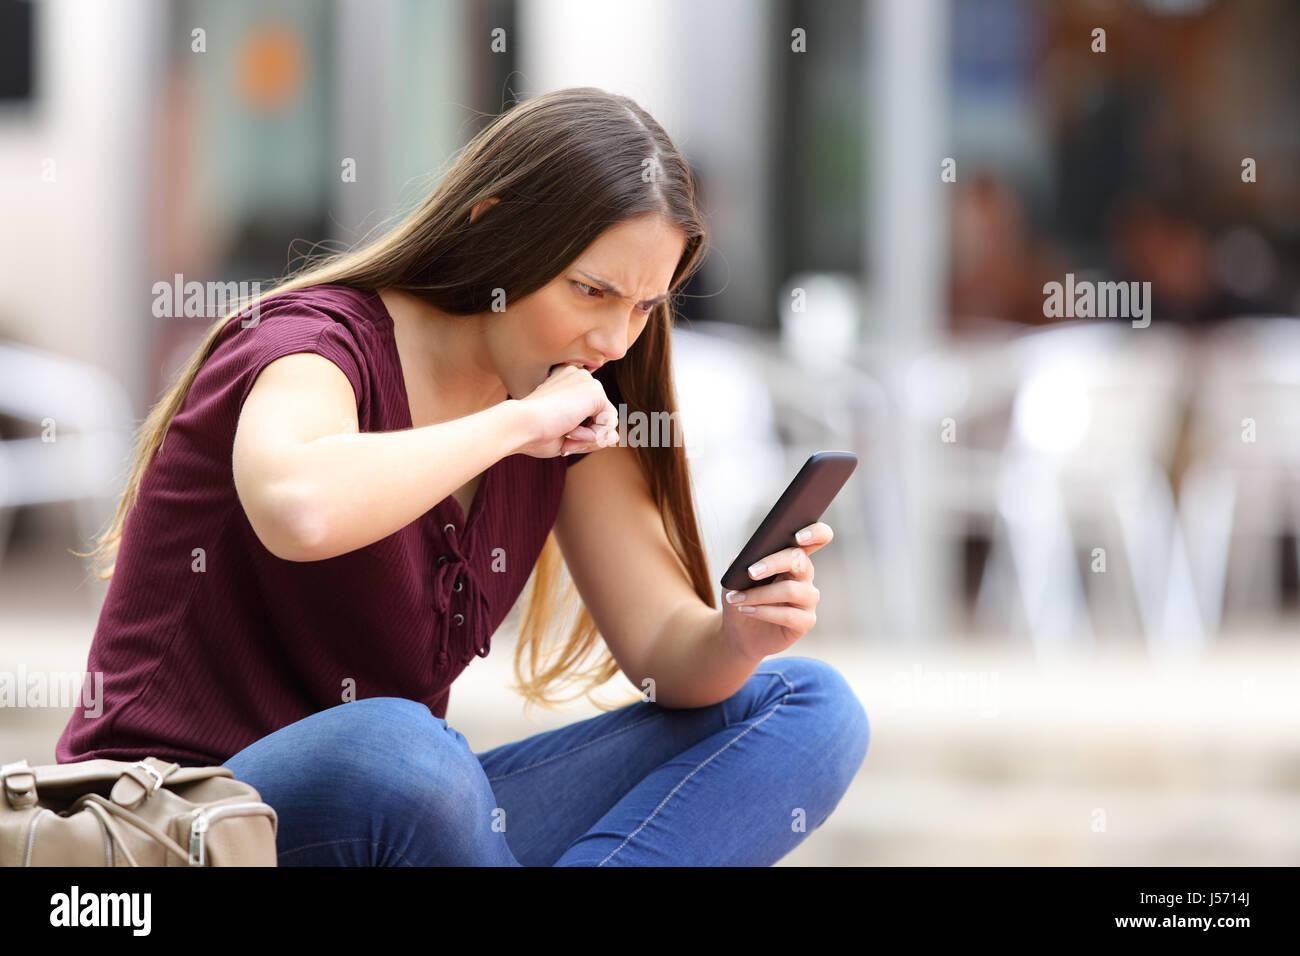 Arrabbiato donna errata ricezione di contenuti on line in un telefono cellulare seduto su una panchina in strada Immagini Stock